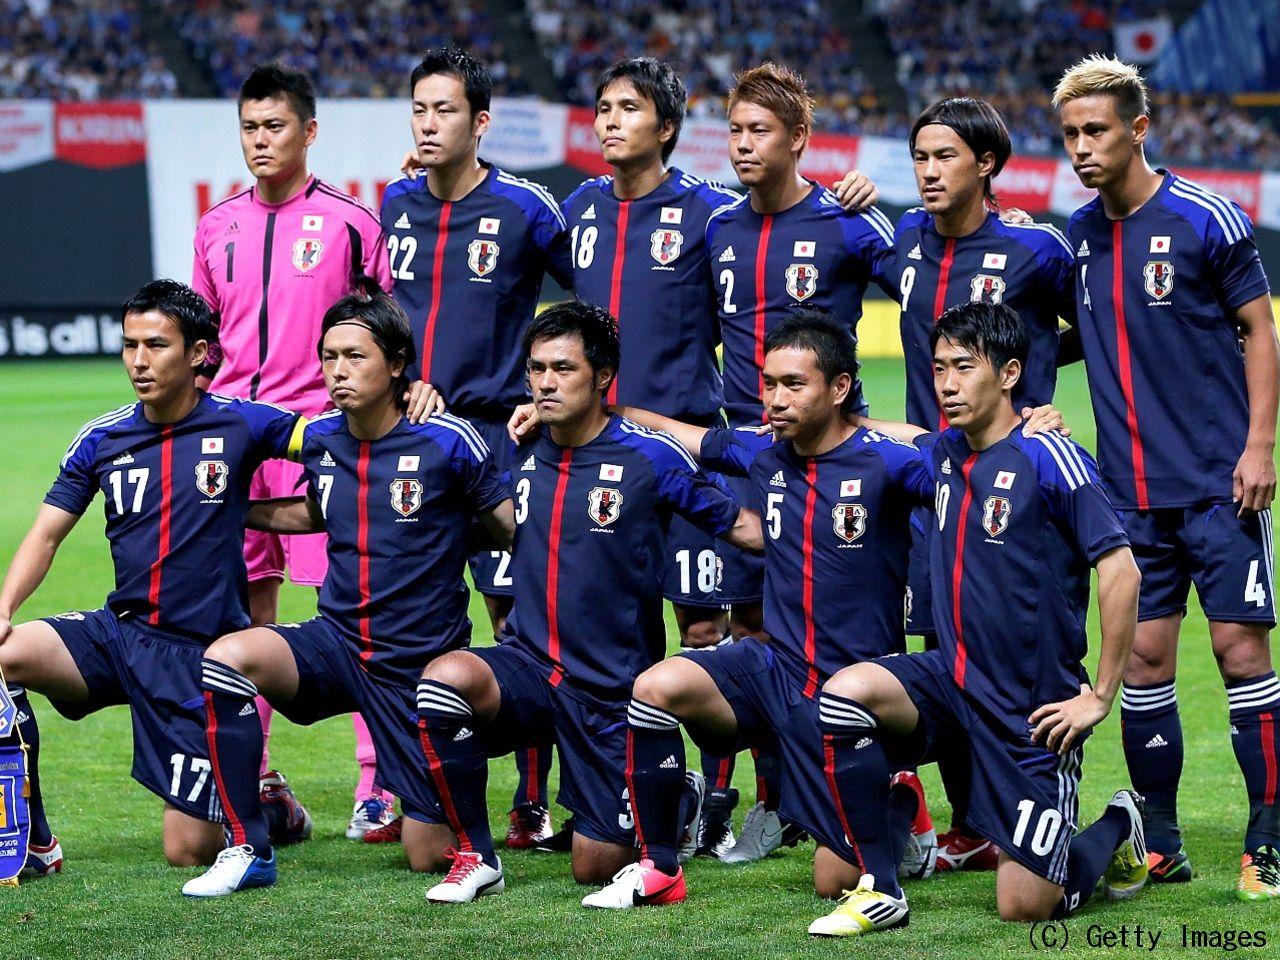 今年のサッカー日本代表は、アジアとのガチンコマッチが目白押し